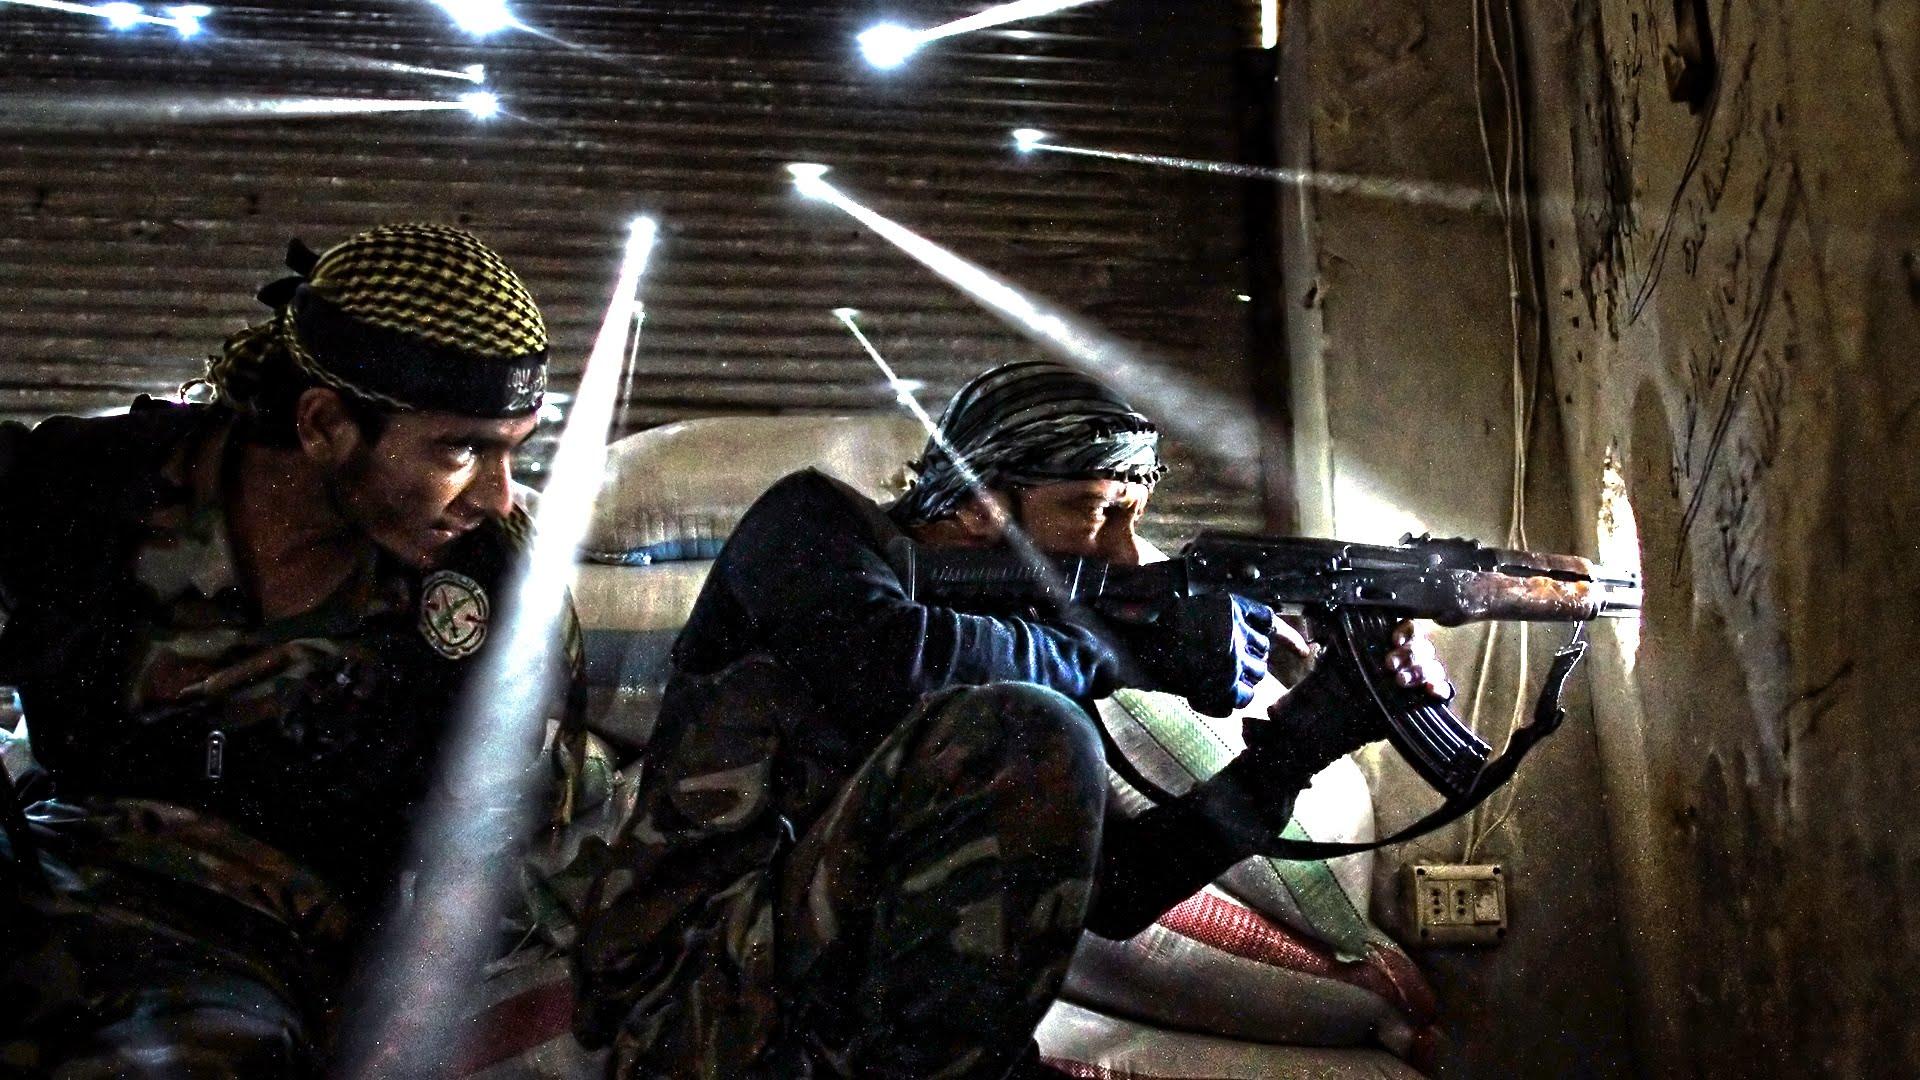 Vino la guerra a Siria ¿Y ahora… a dónde va? | Divagaciones